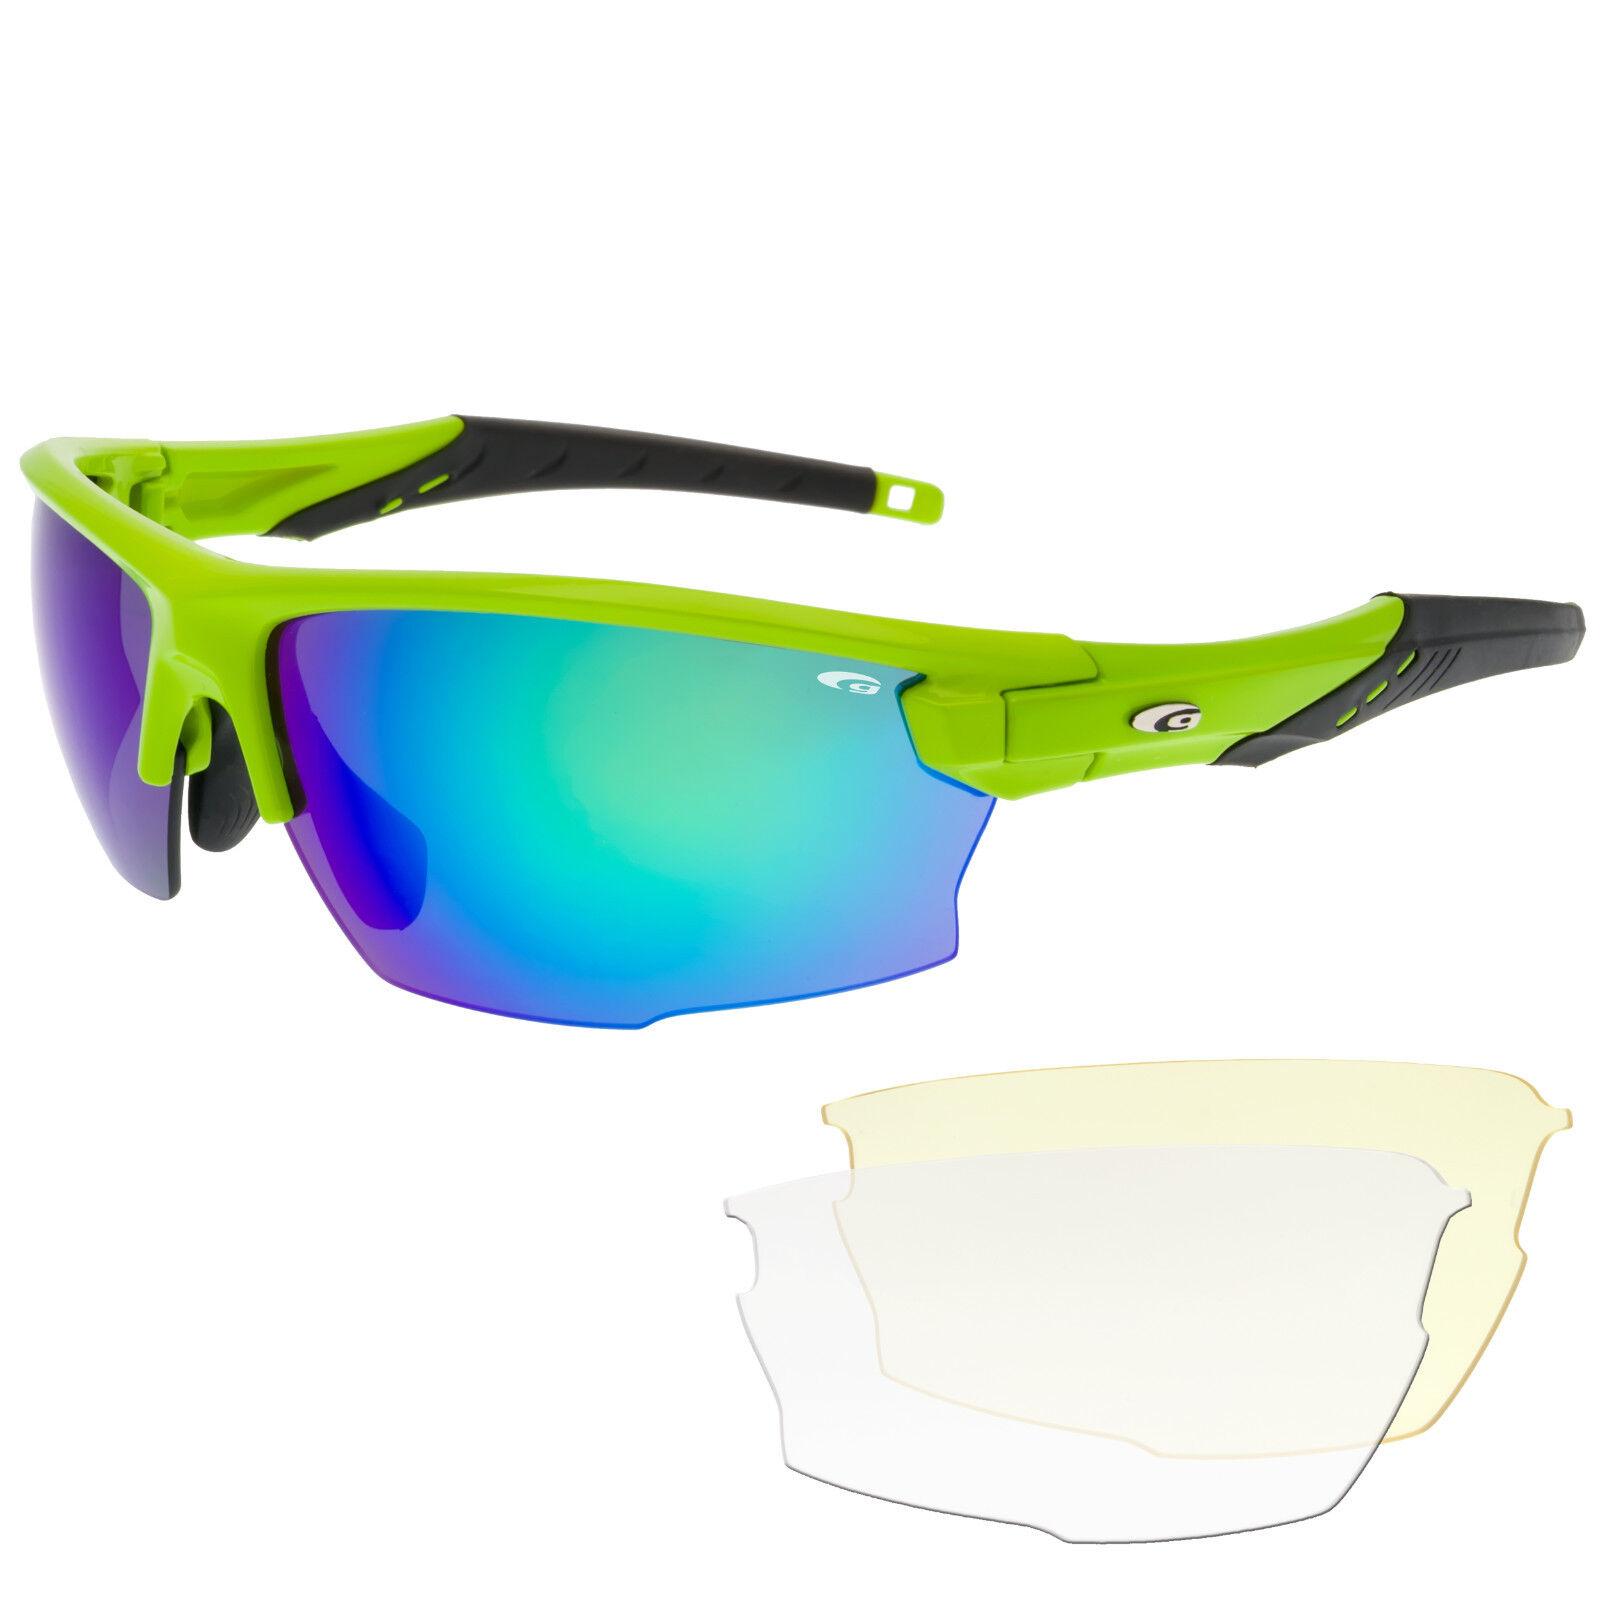 Radbrille Sportbrille Fahrradbrille mit Wechselscheiben klar gelb